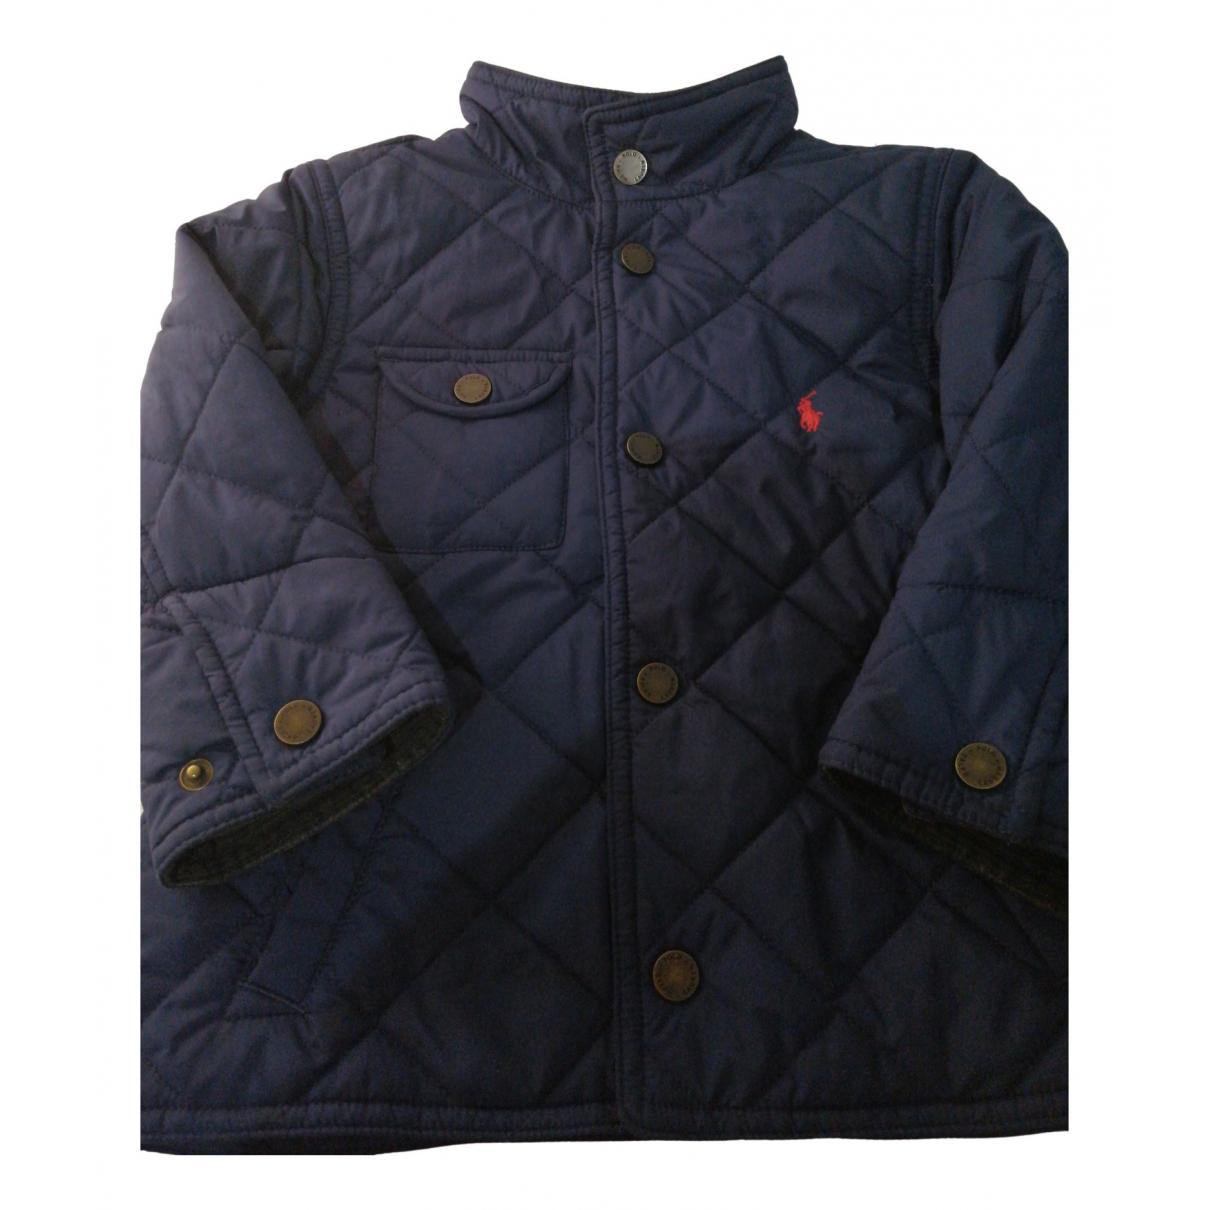 Polo Ralph Lauren - Blousons.Manteaux   pour enfant - marine